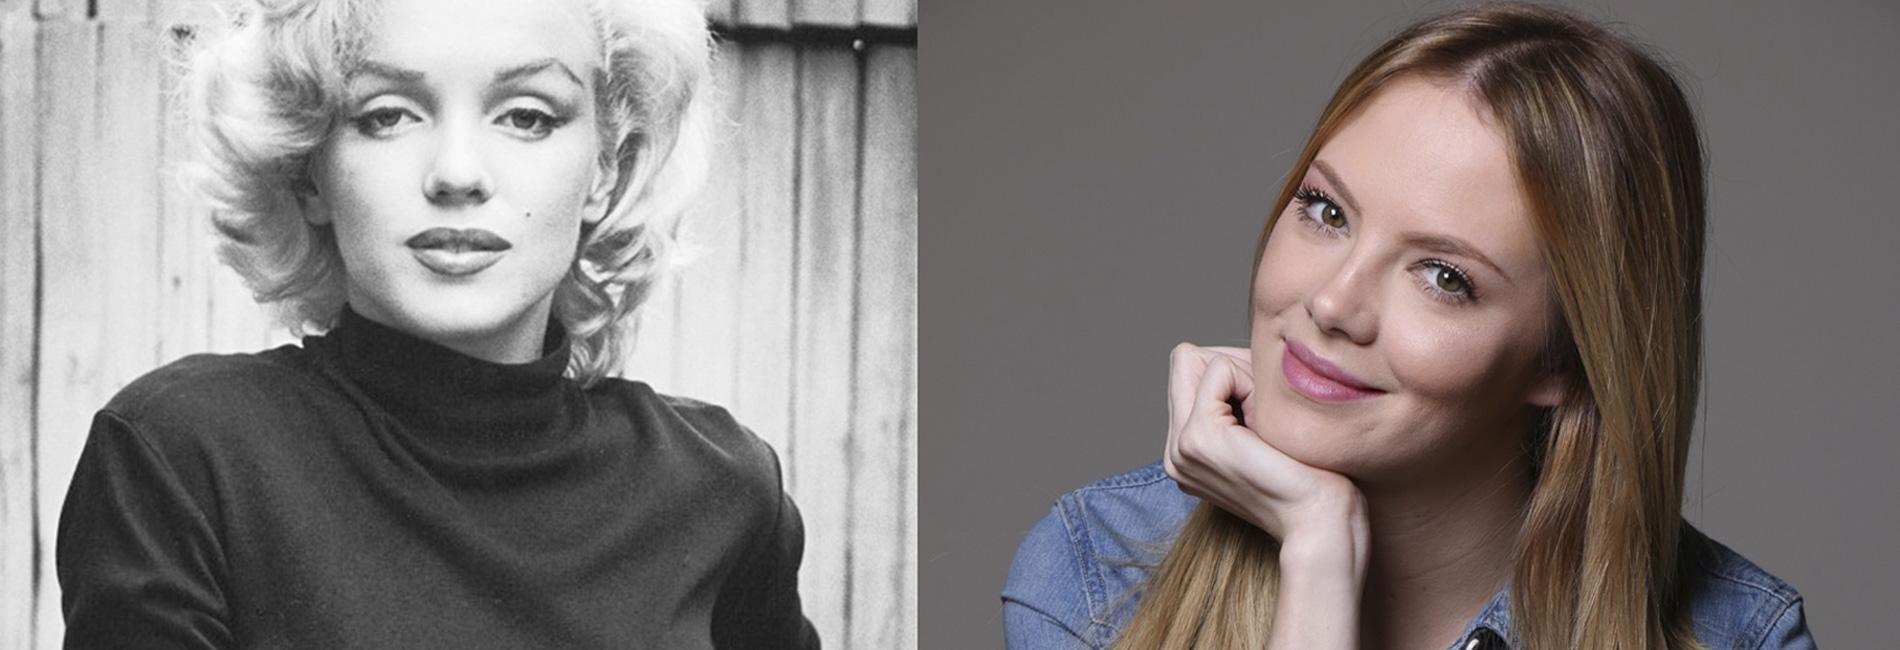 Mi encuentro con Monroe, la verdadera Marilyn